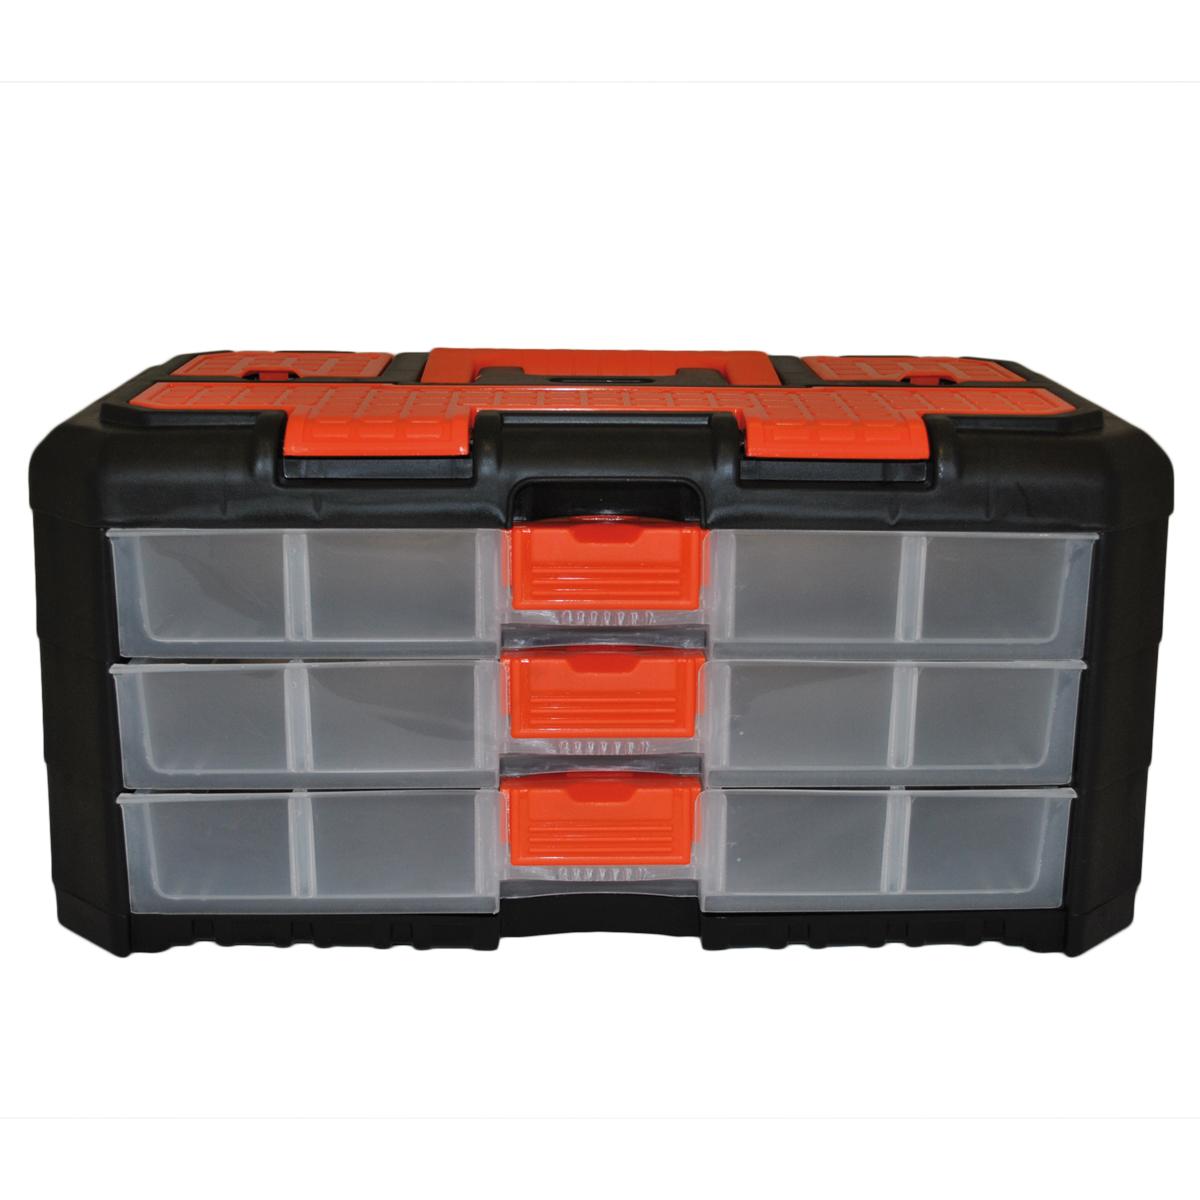 Органайзер для мелочей Blocker Grand, цвет: черный, оранжевый, 400 х 219 х 197 мм98295719Универсальный сет для мелочей Blocker Grand с ручкой для переноски выполнен из высококачественного полипропилена. Секции фиксируются замками, которые надежно защищают от случайного открывания. Внутри секции разделены съемными перегородками, что позволяет организовать внутреннее пространство в зависимости от потребностей и делает сет пригодным для хранения не только мелочей, но и предметов средней величины. Встроенные секции на крышке подходят для хранения скобяных изделий.